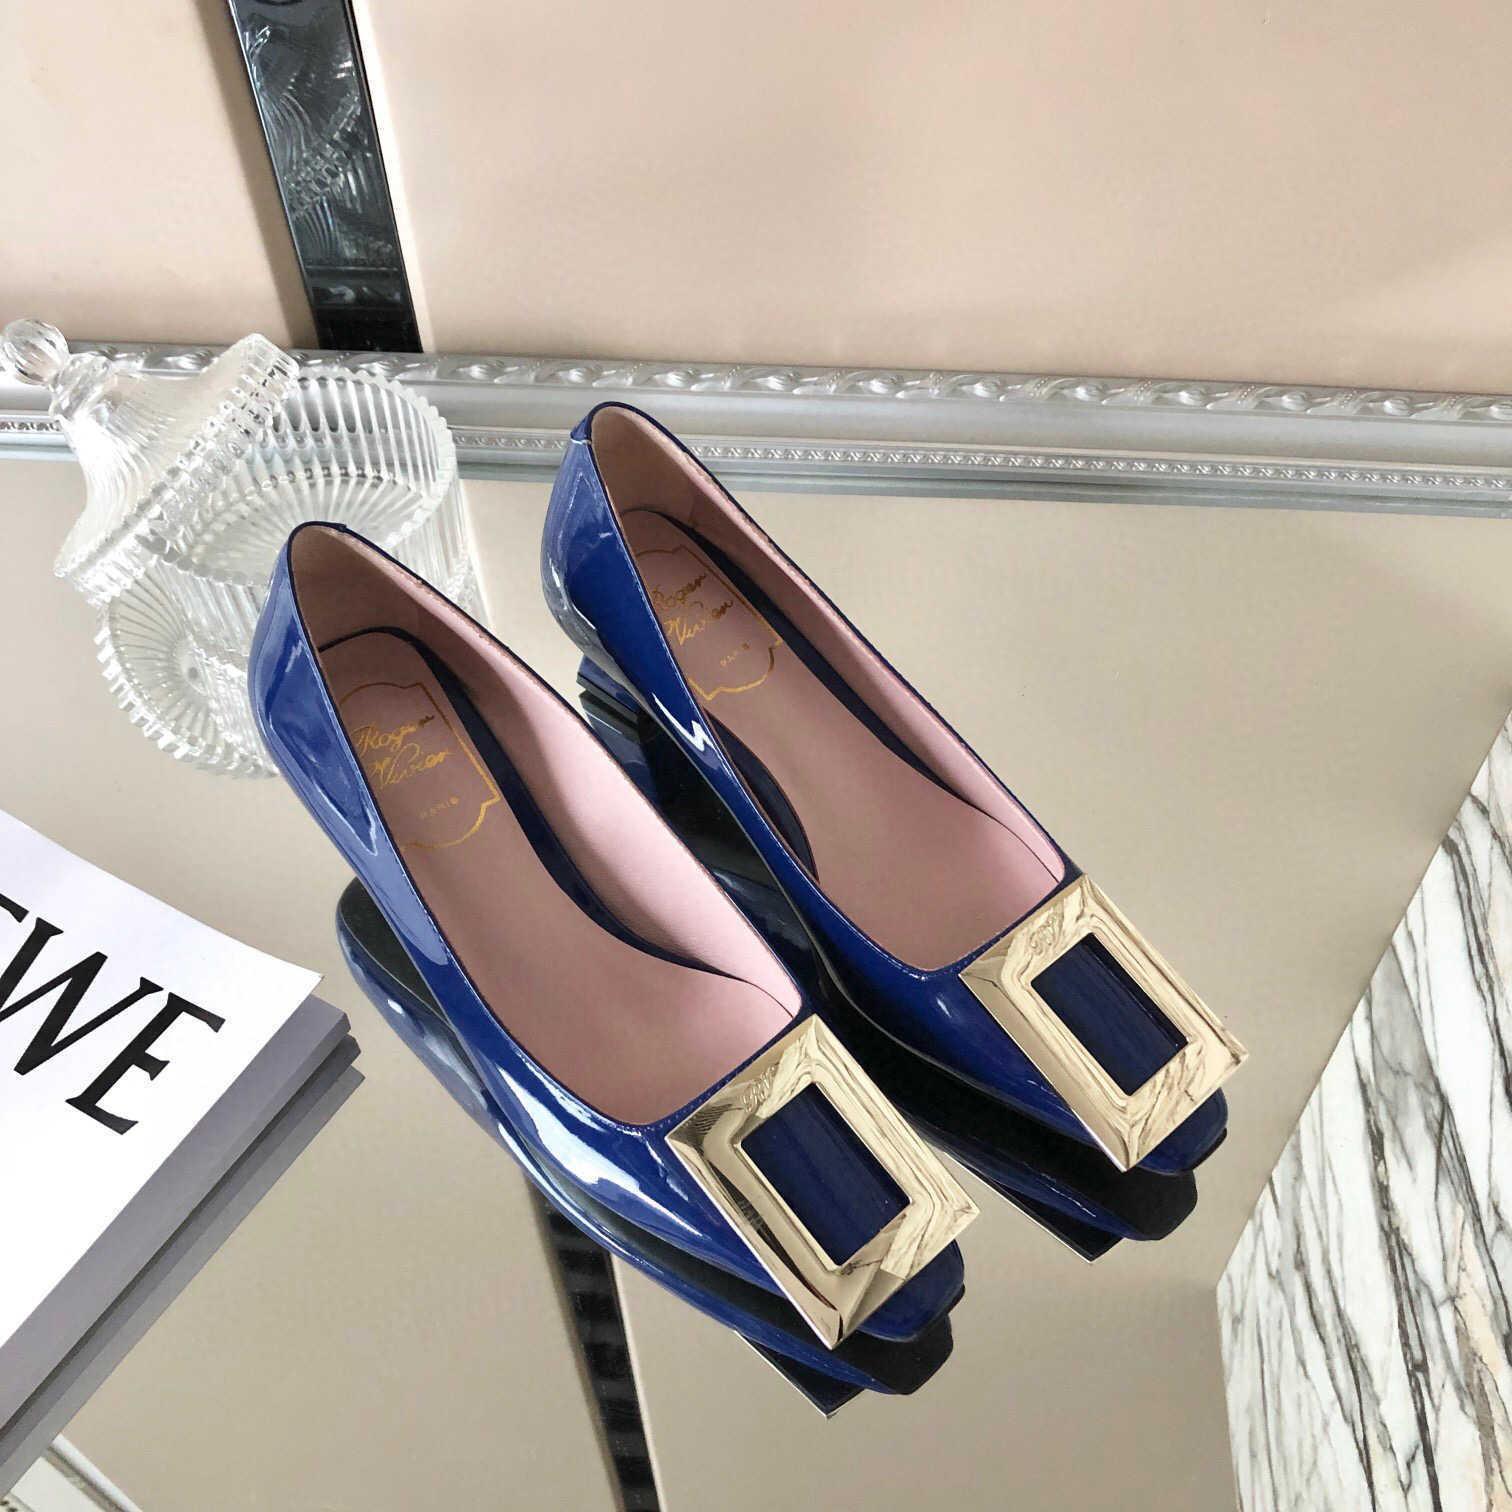 scarpe nuove donne di estate di vendita calda fibbia quadrata di design di lusso casuali tacchi alti contenitore di pattino originale